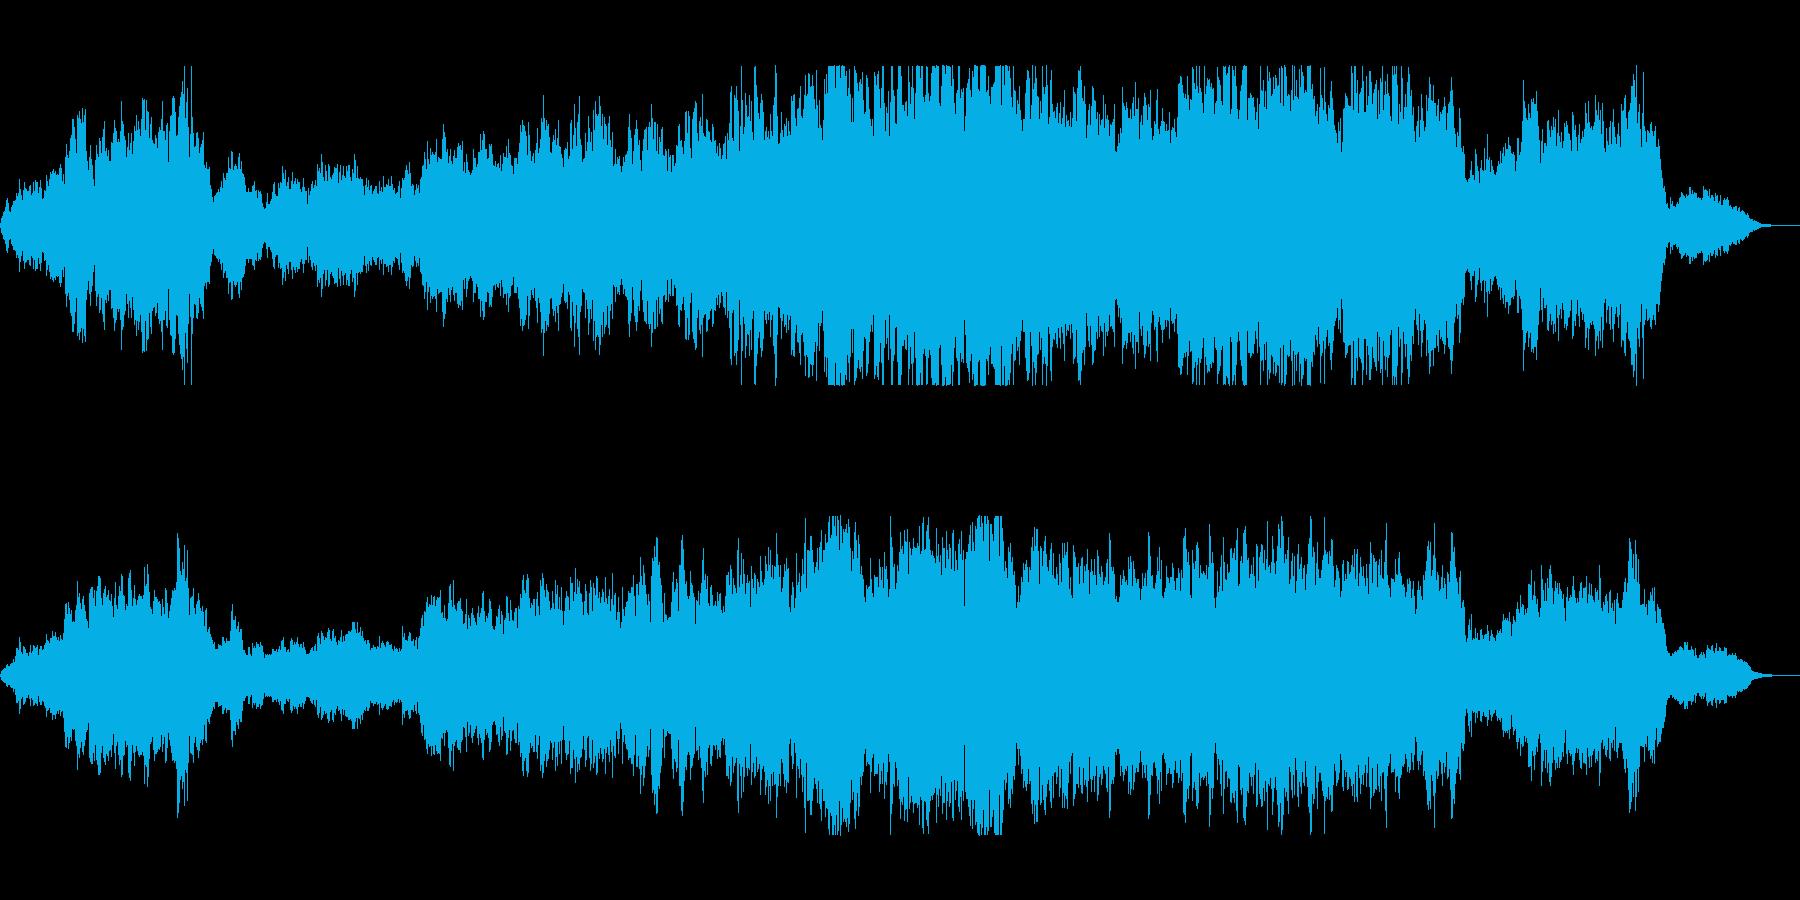 優しくゆったり管楽器シンセサウンドの再生済みの波形